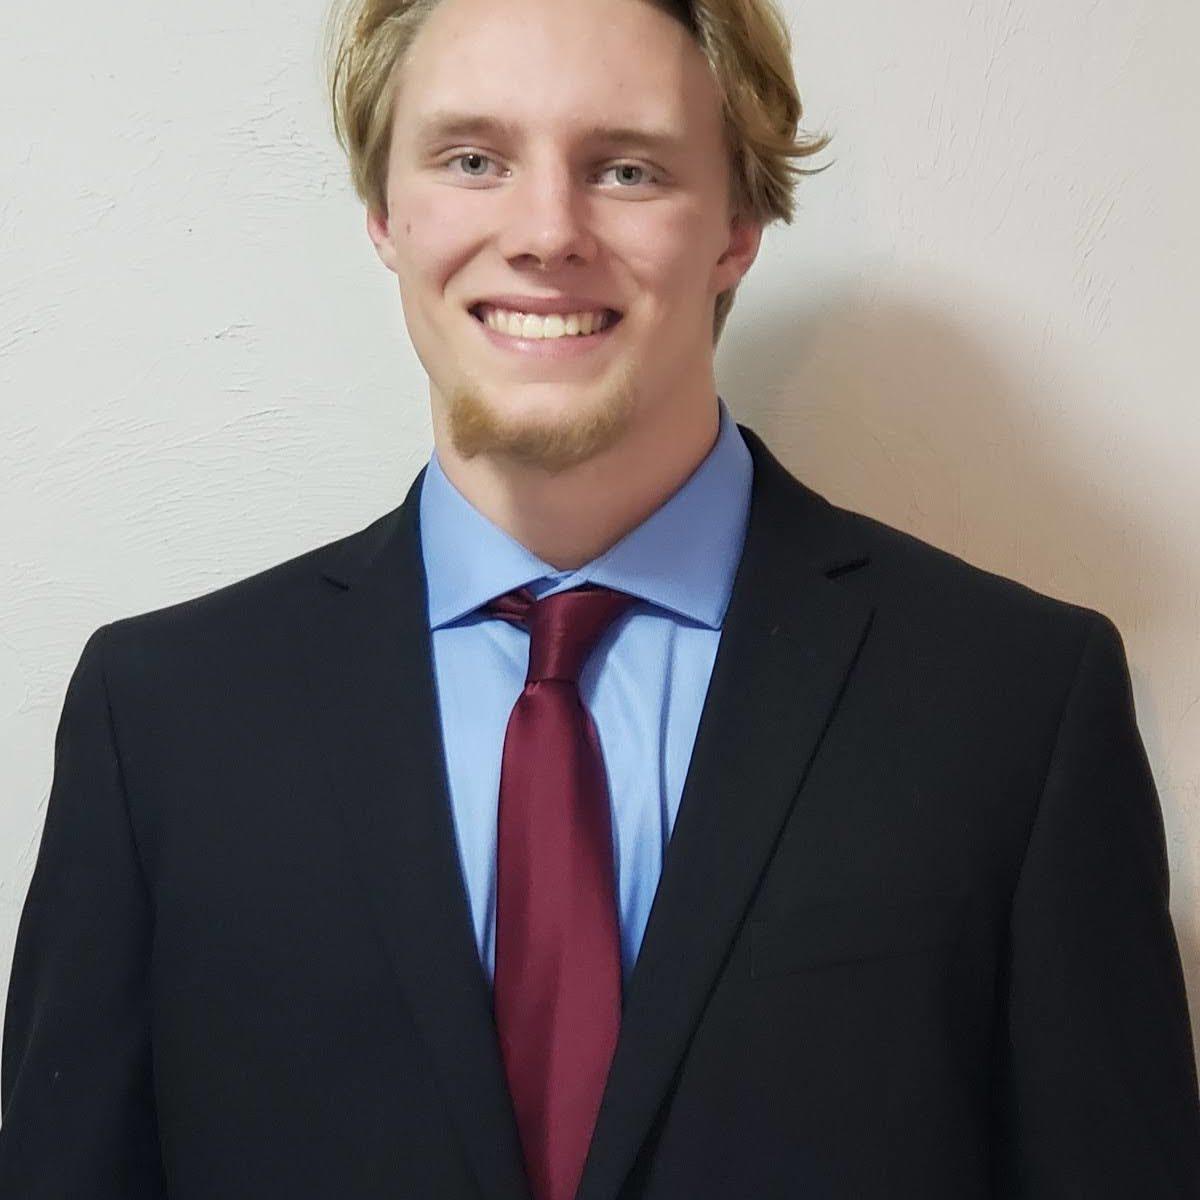 Headshot of David Weaver